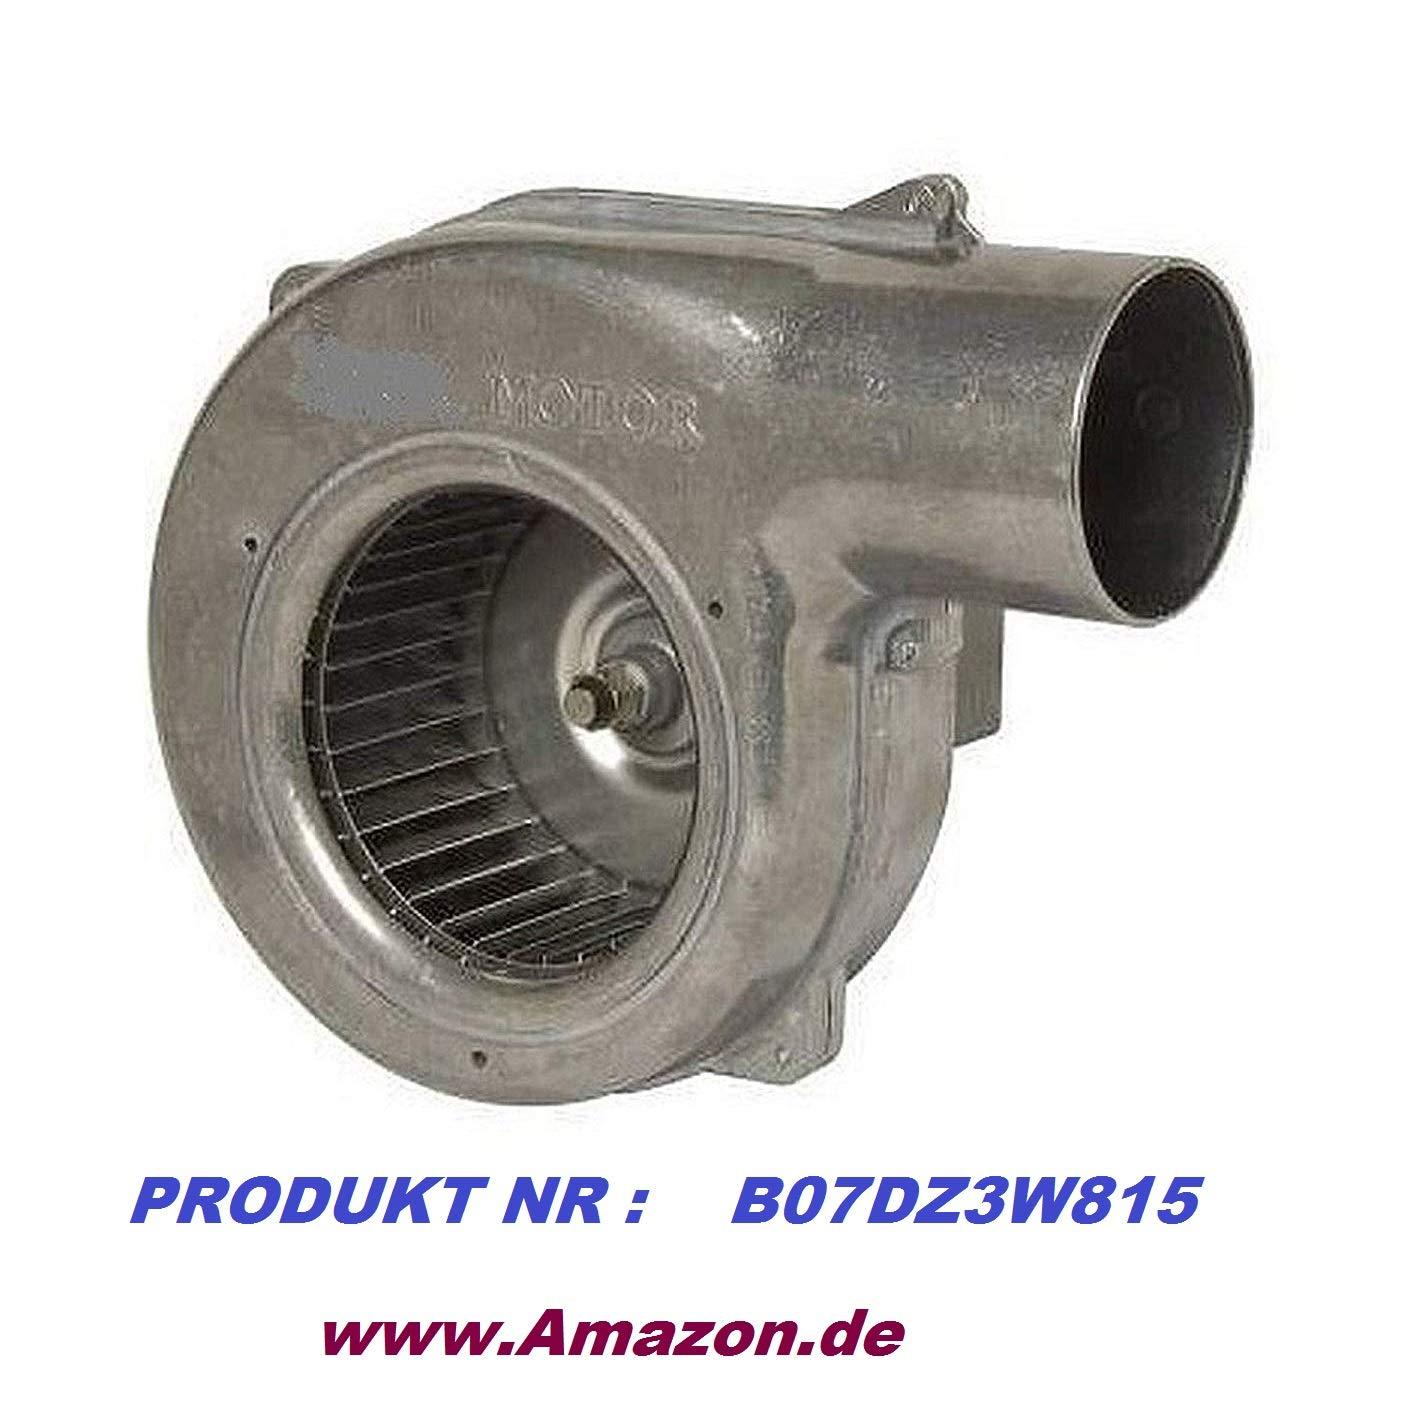 395m3h ALU Industrie Gebl/äse und 500 Watt Drehzahlregler Druckventilator K/ühlgebl/äse Ventilator Druckgebl/äse Heizungsgebl/äse Heizungsventilator L/üfter Radialgebl/äse Holzvergaser